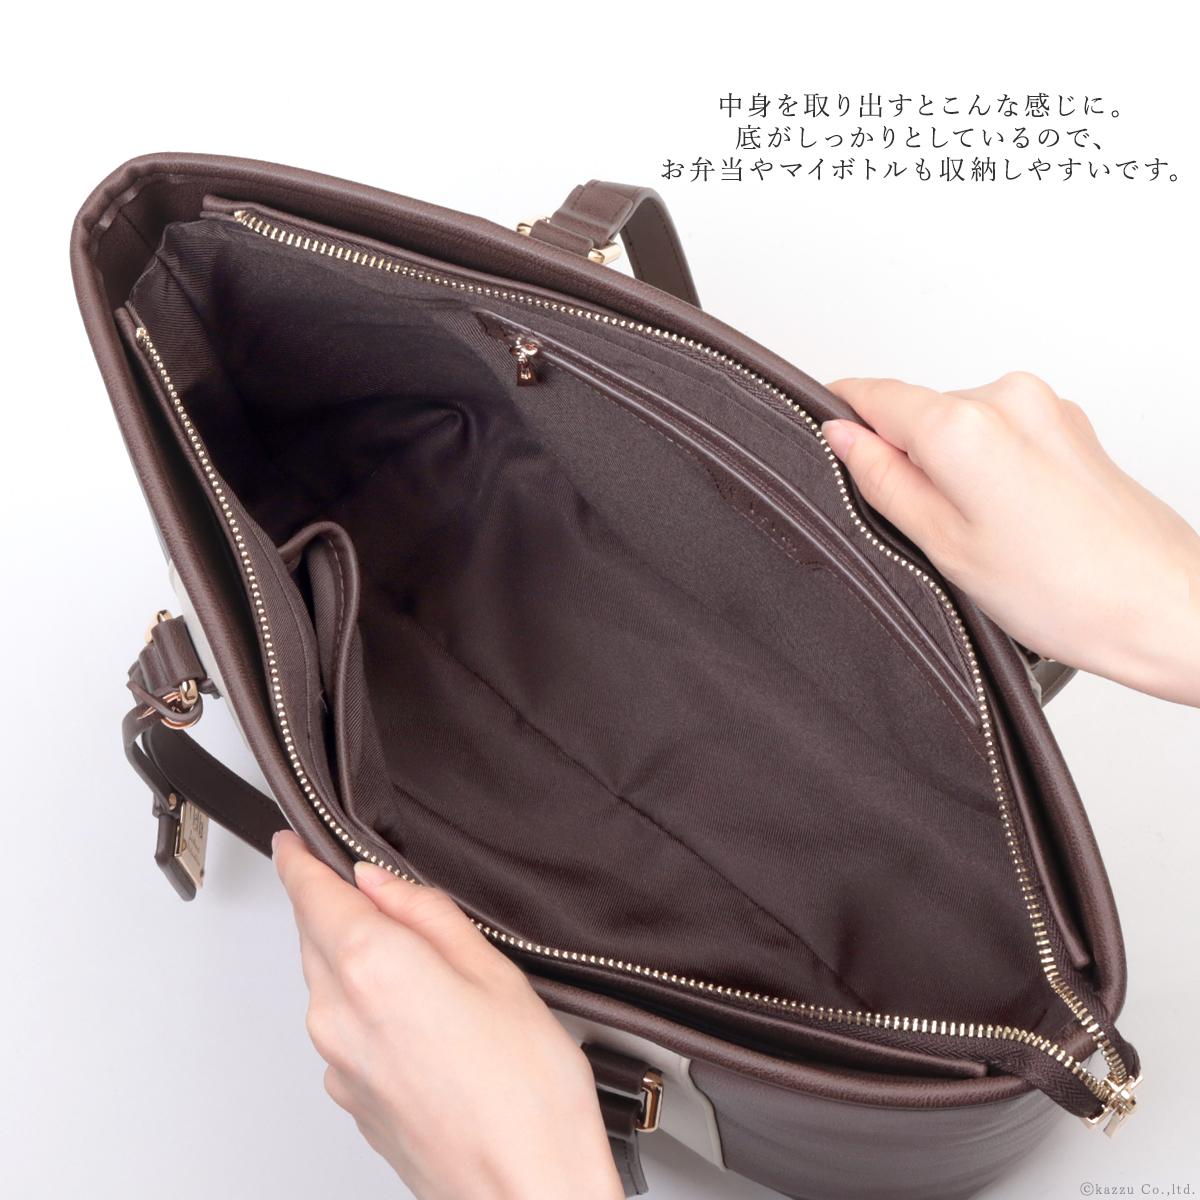 トートバッグ あおりポケット付き トリコロール Clelia クレリア リベルテ CL-22719